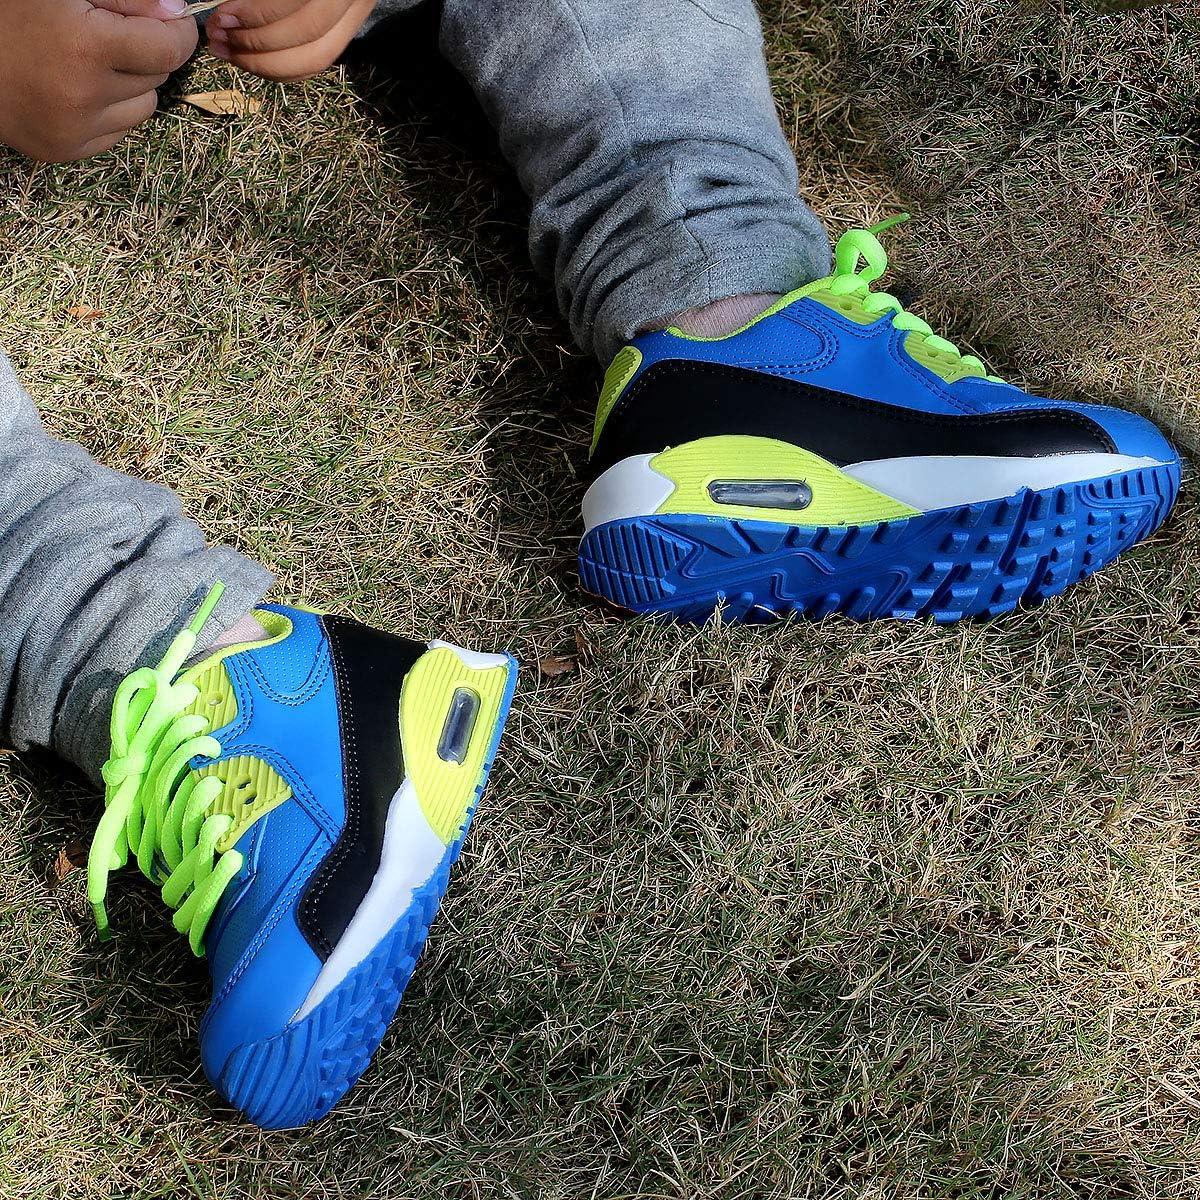 zpllsbratos Chaussures Running Gar/çon Fille 3 ans-12 Ans Sneaker d/école Basket Coussin dair Course Sport Competition Entrainement